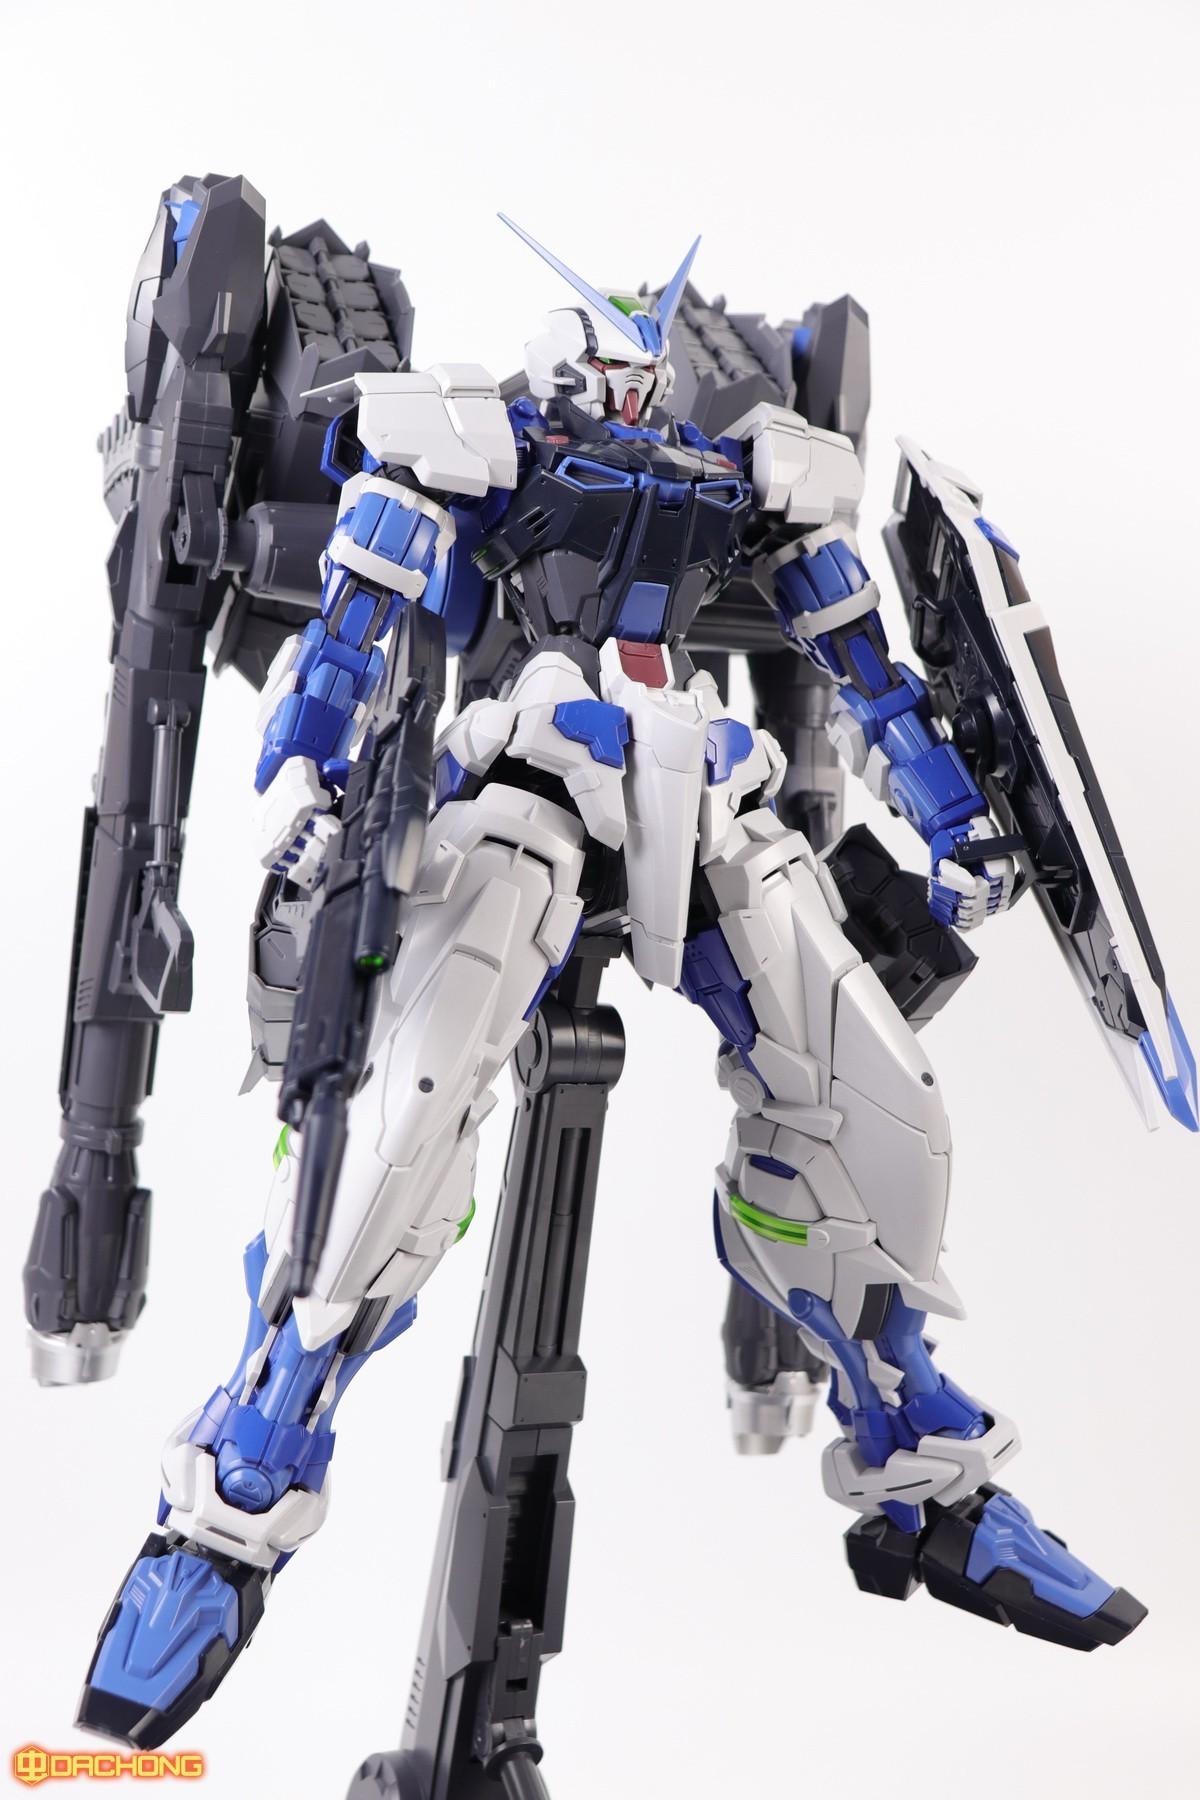 S306_blue_frame_astray_60_081.jpg